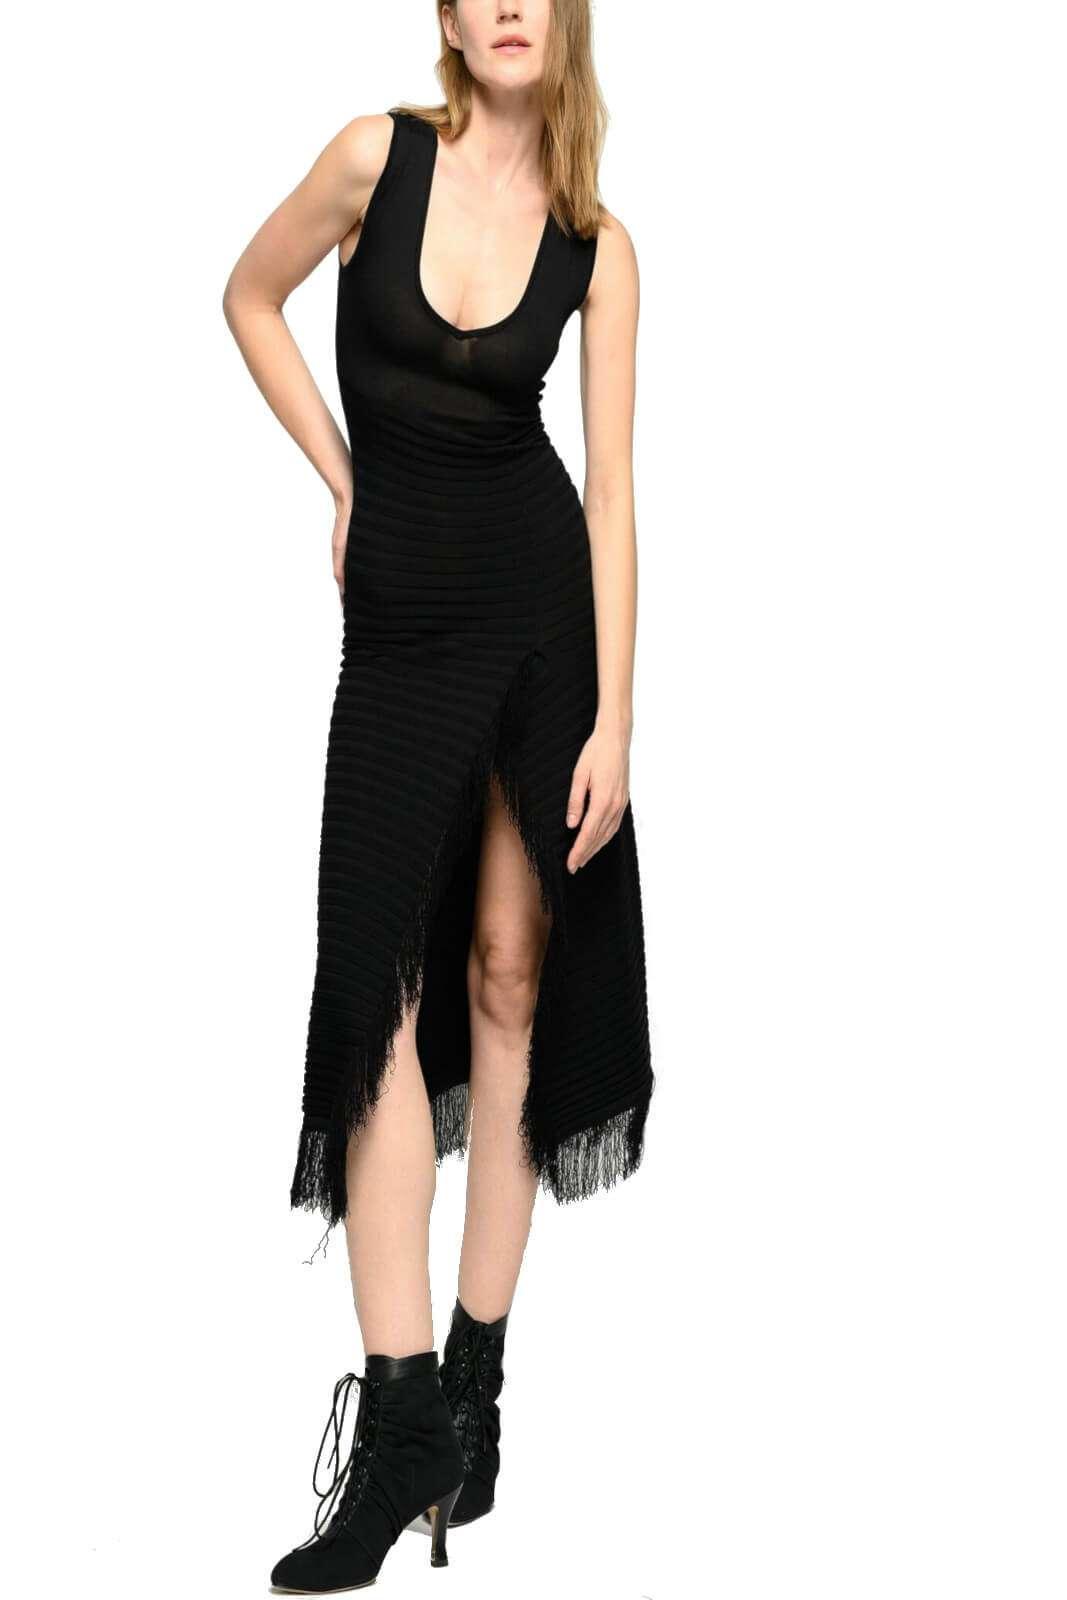 Un abito essential quello firmato Pinko, per la donna che ama look estivi fashion e innovativi. Il capo SPRINT, renderà unico ogni stile, grazie alle frange applicate lungo la gonna, e il seducente spacco anteriore. Per un aspetto esclusivo.